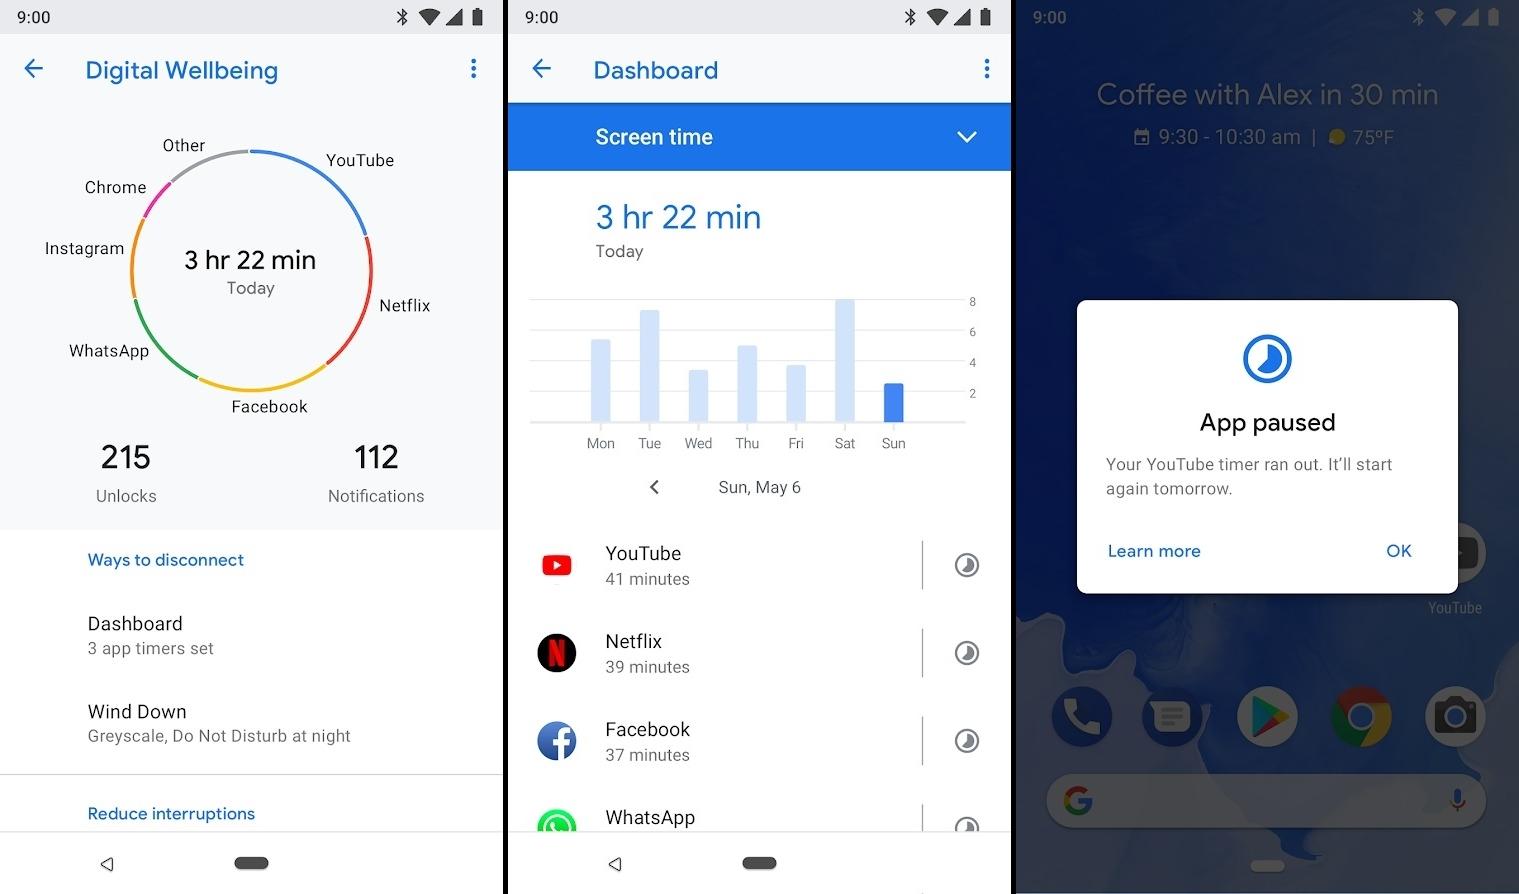 تطبيقDigital Wellbeing من قوقل لتتبّع استخدام الهاتف